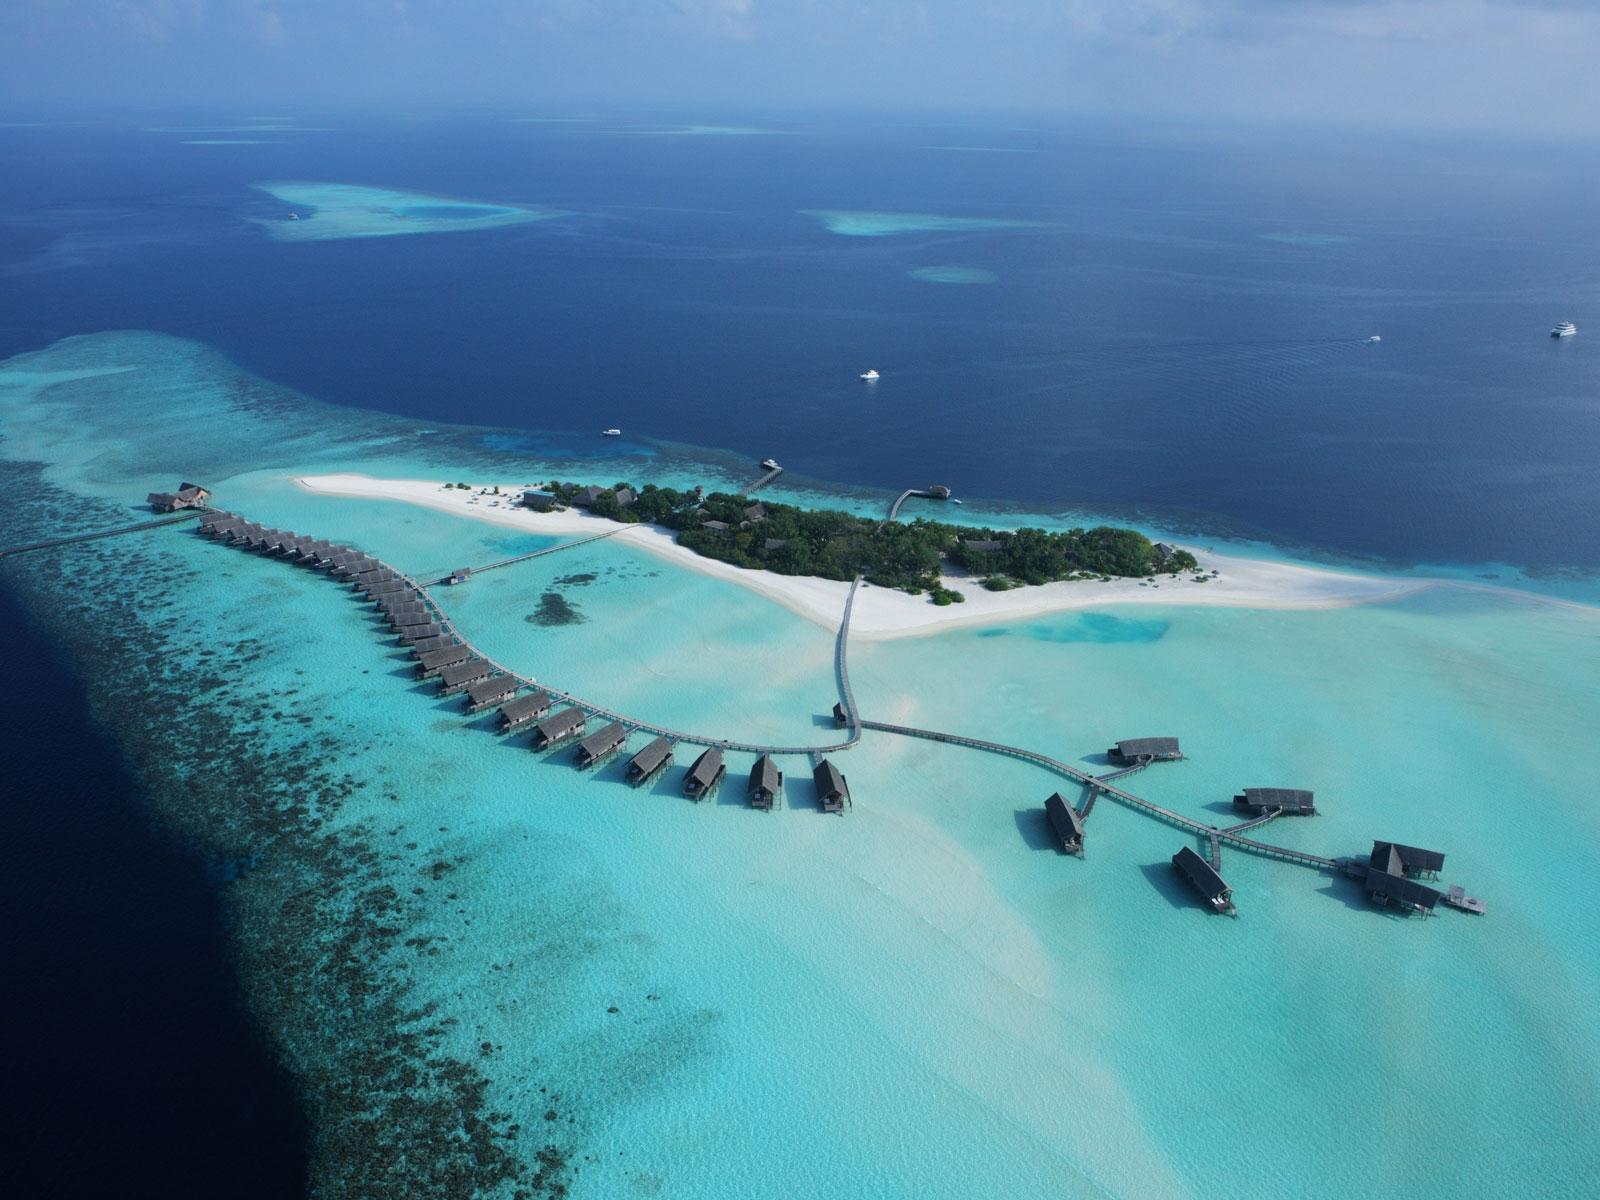 13. Cocoa Island Resort, Maldives